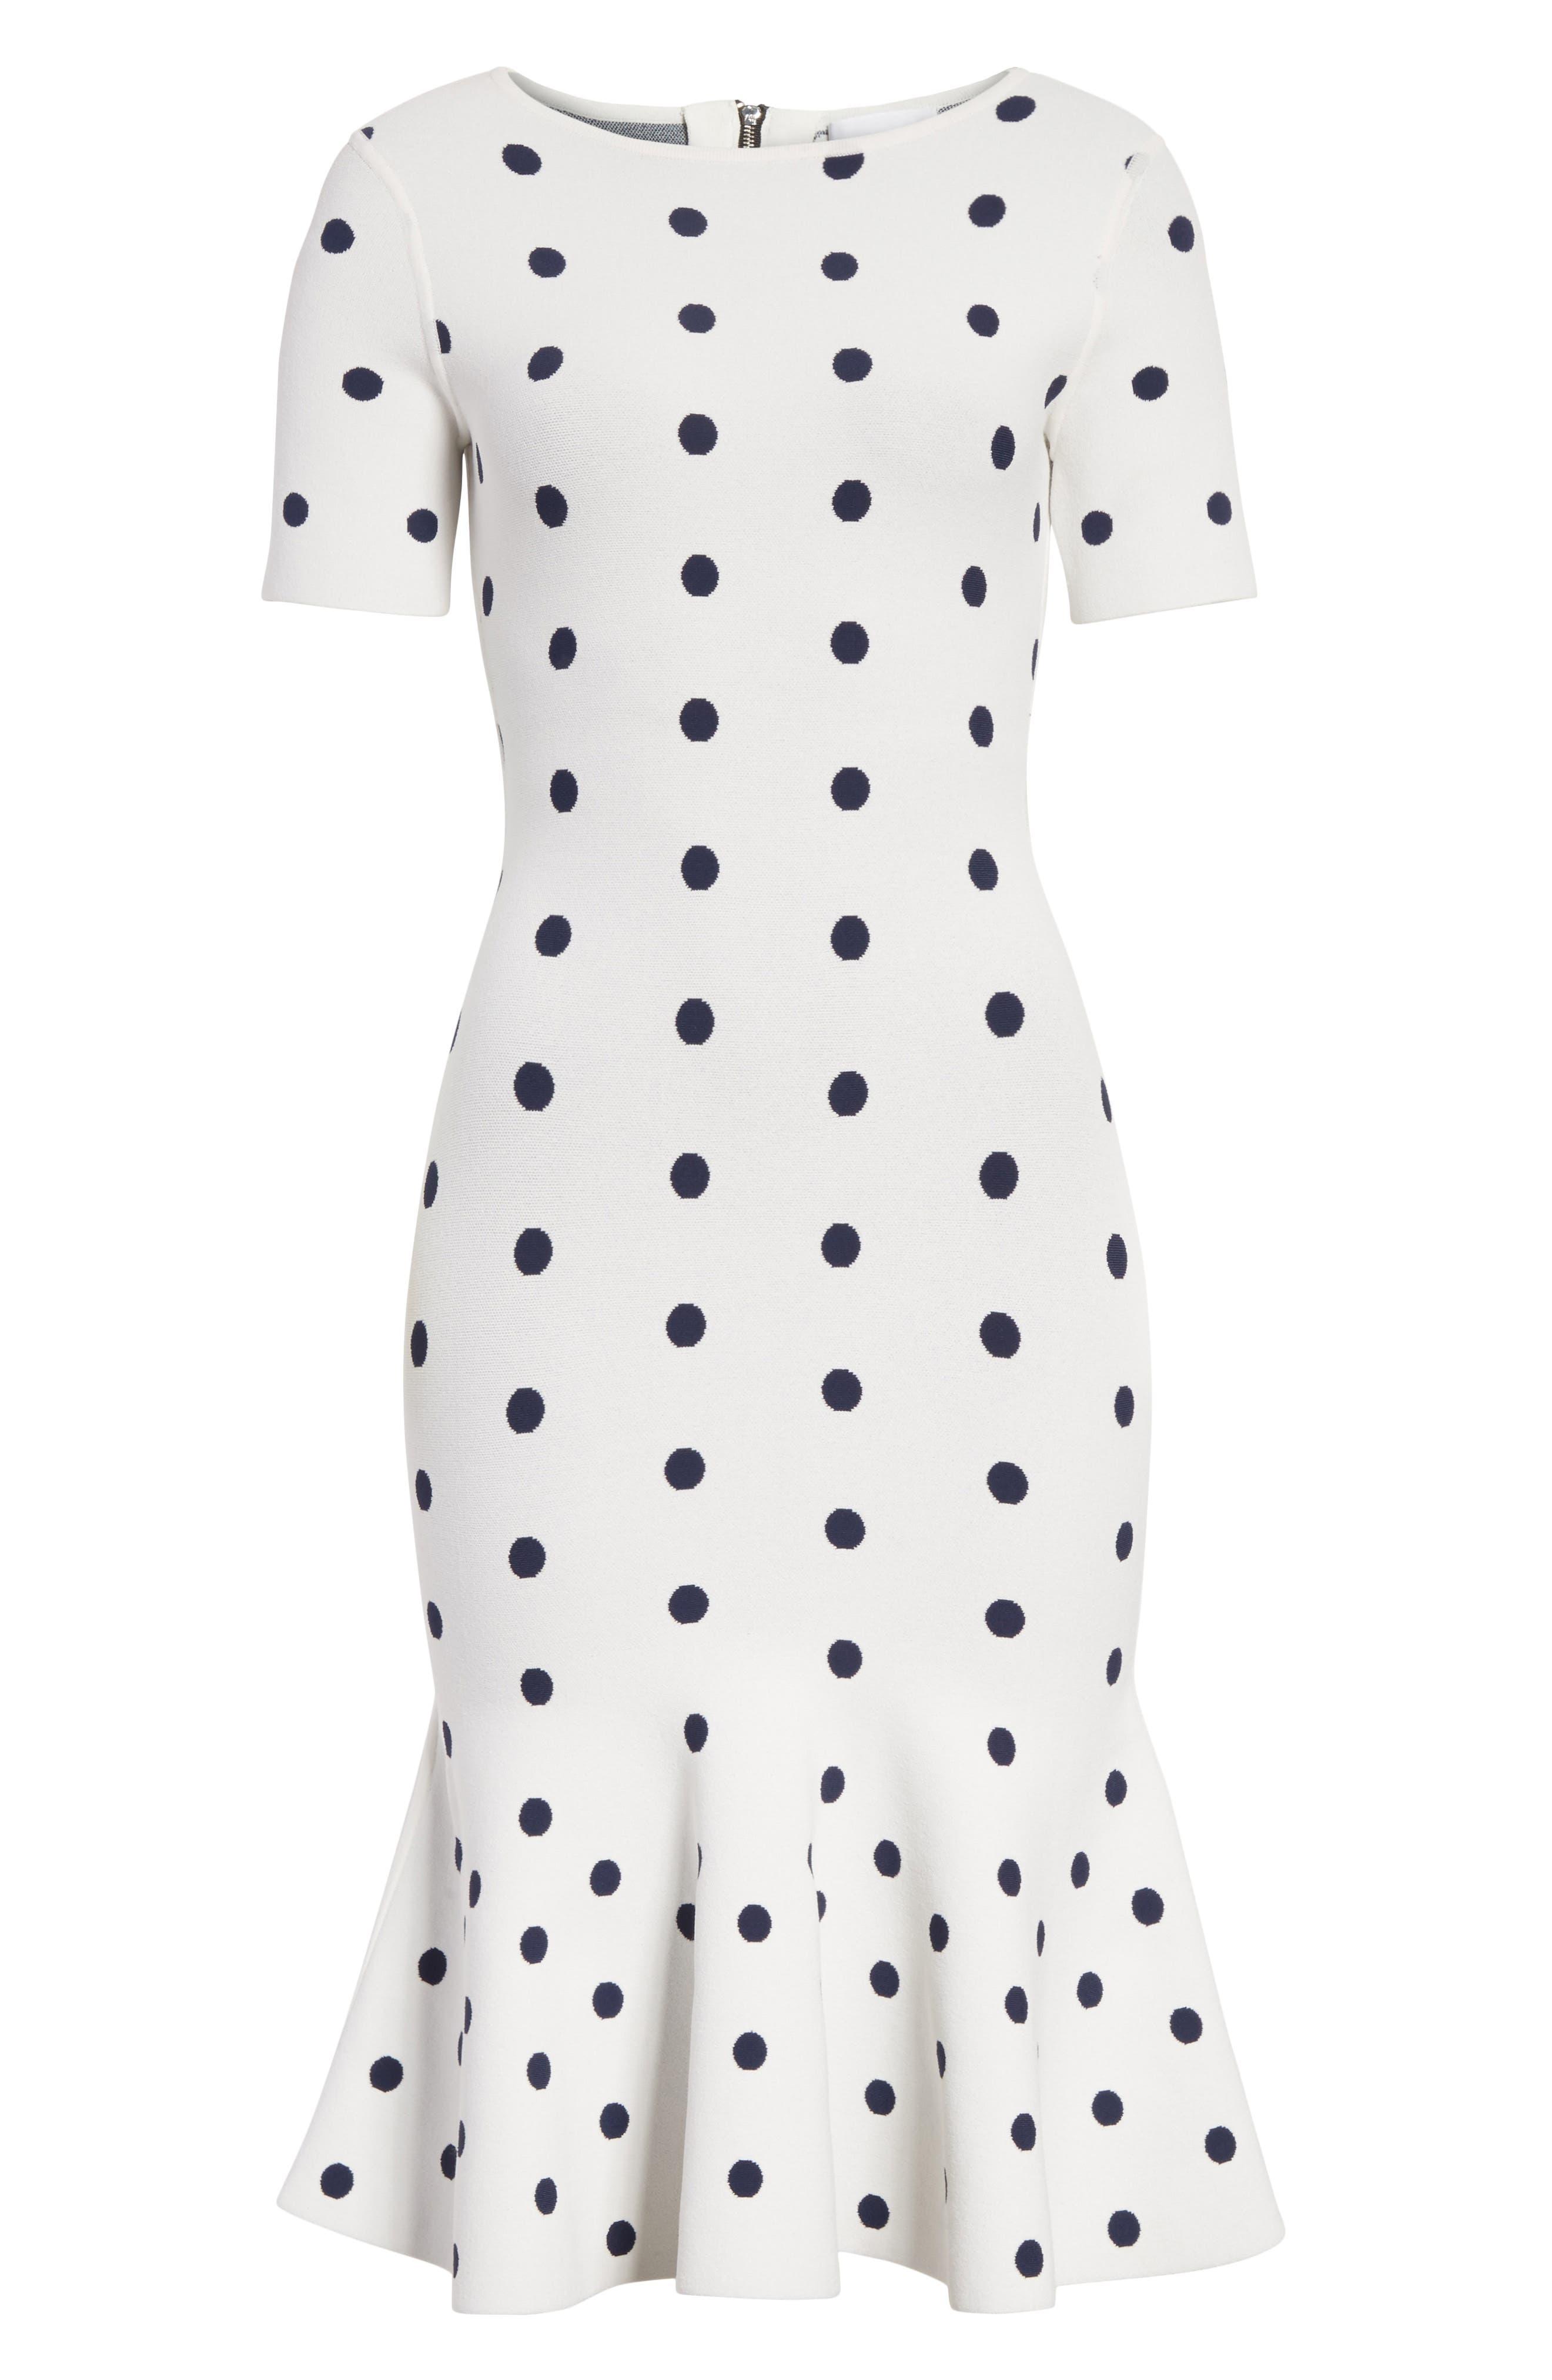 Polka Dot Mermaid Dress,                             Alternate thumbnail 6, color,                             White/ Navy